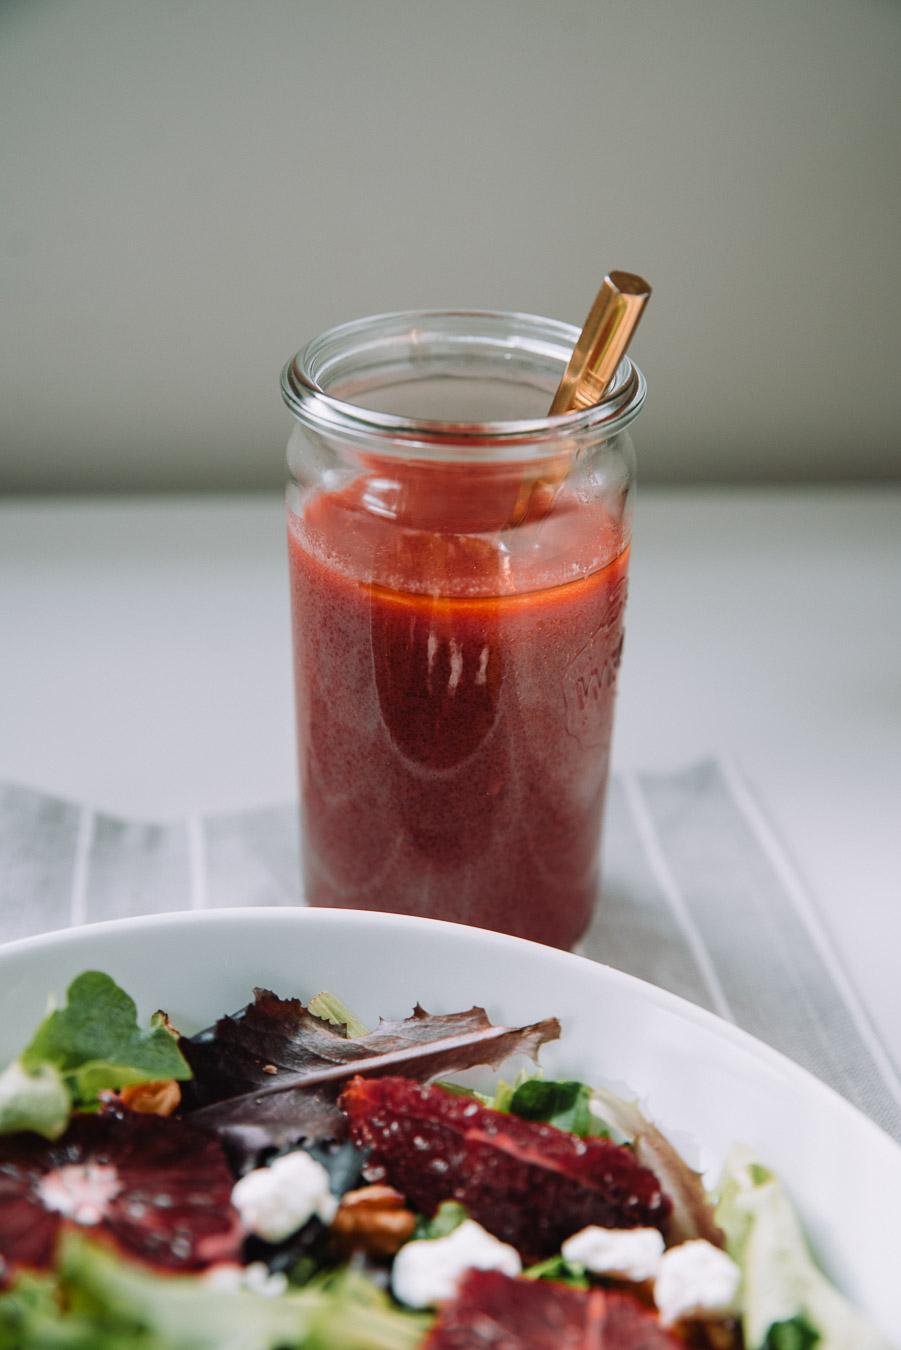 Blood Orange Salad and Vinaigrette